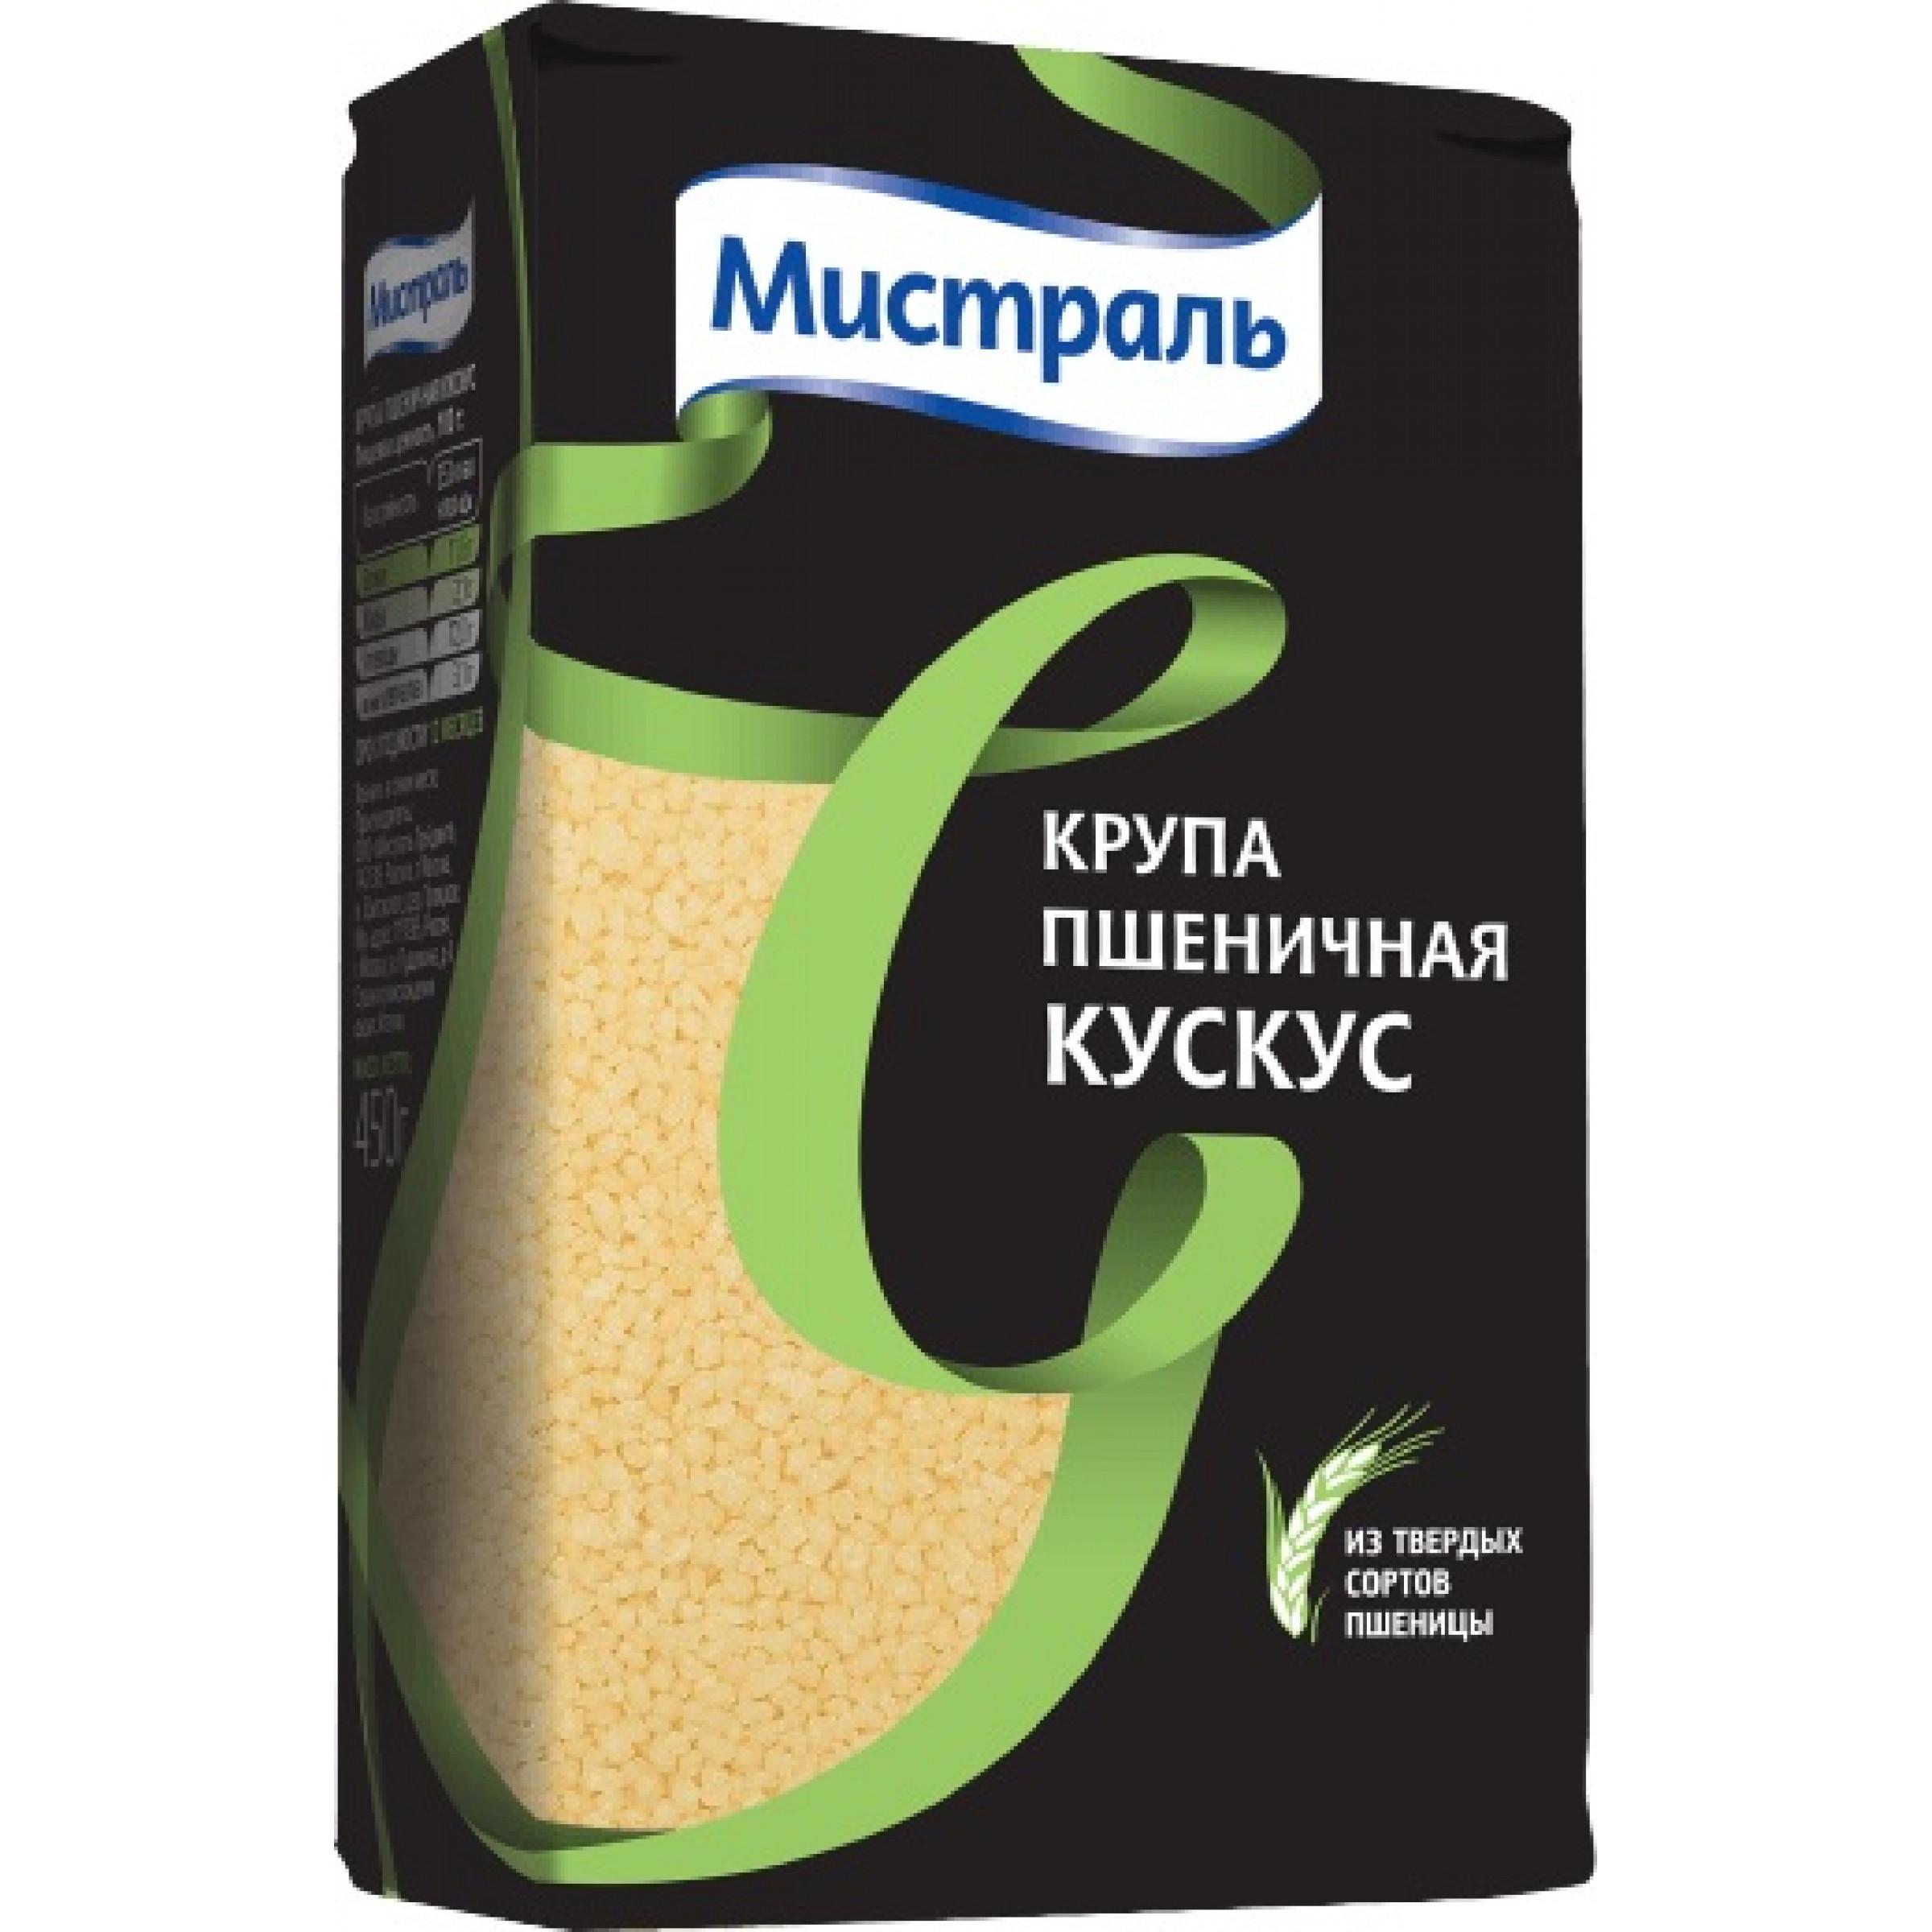 Пшеничная крупа Кускус МИСТРАЛЬ, 450гр